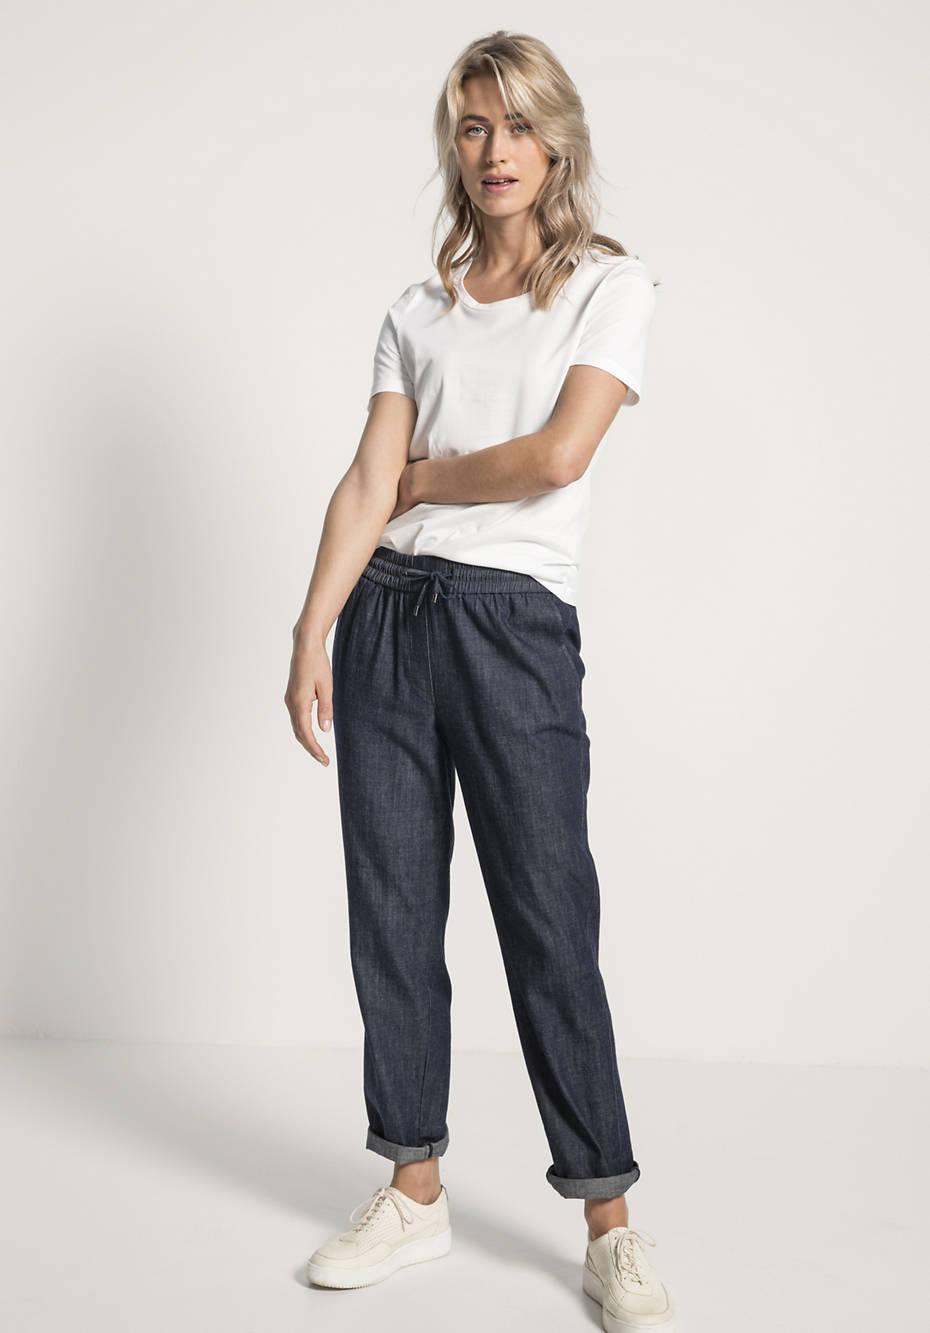 Jeans aus reinem Bio-Denim